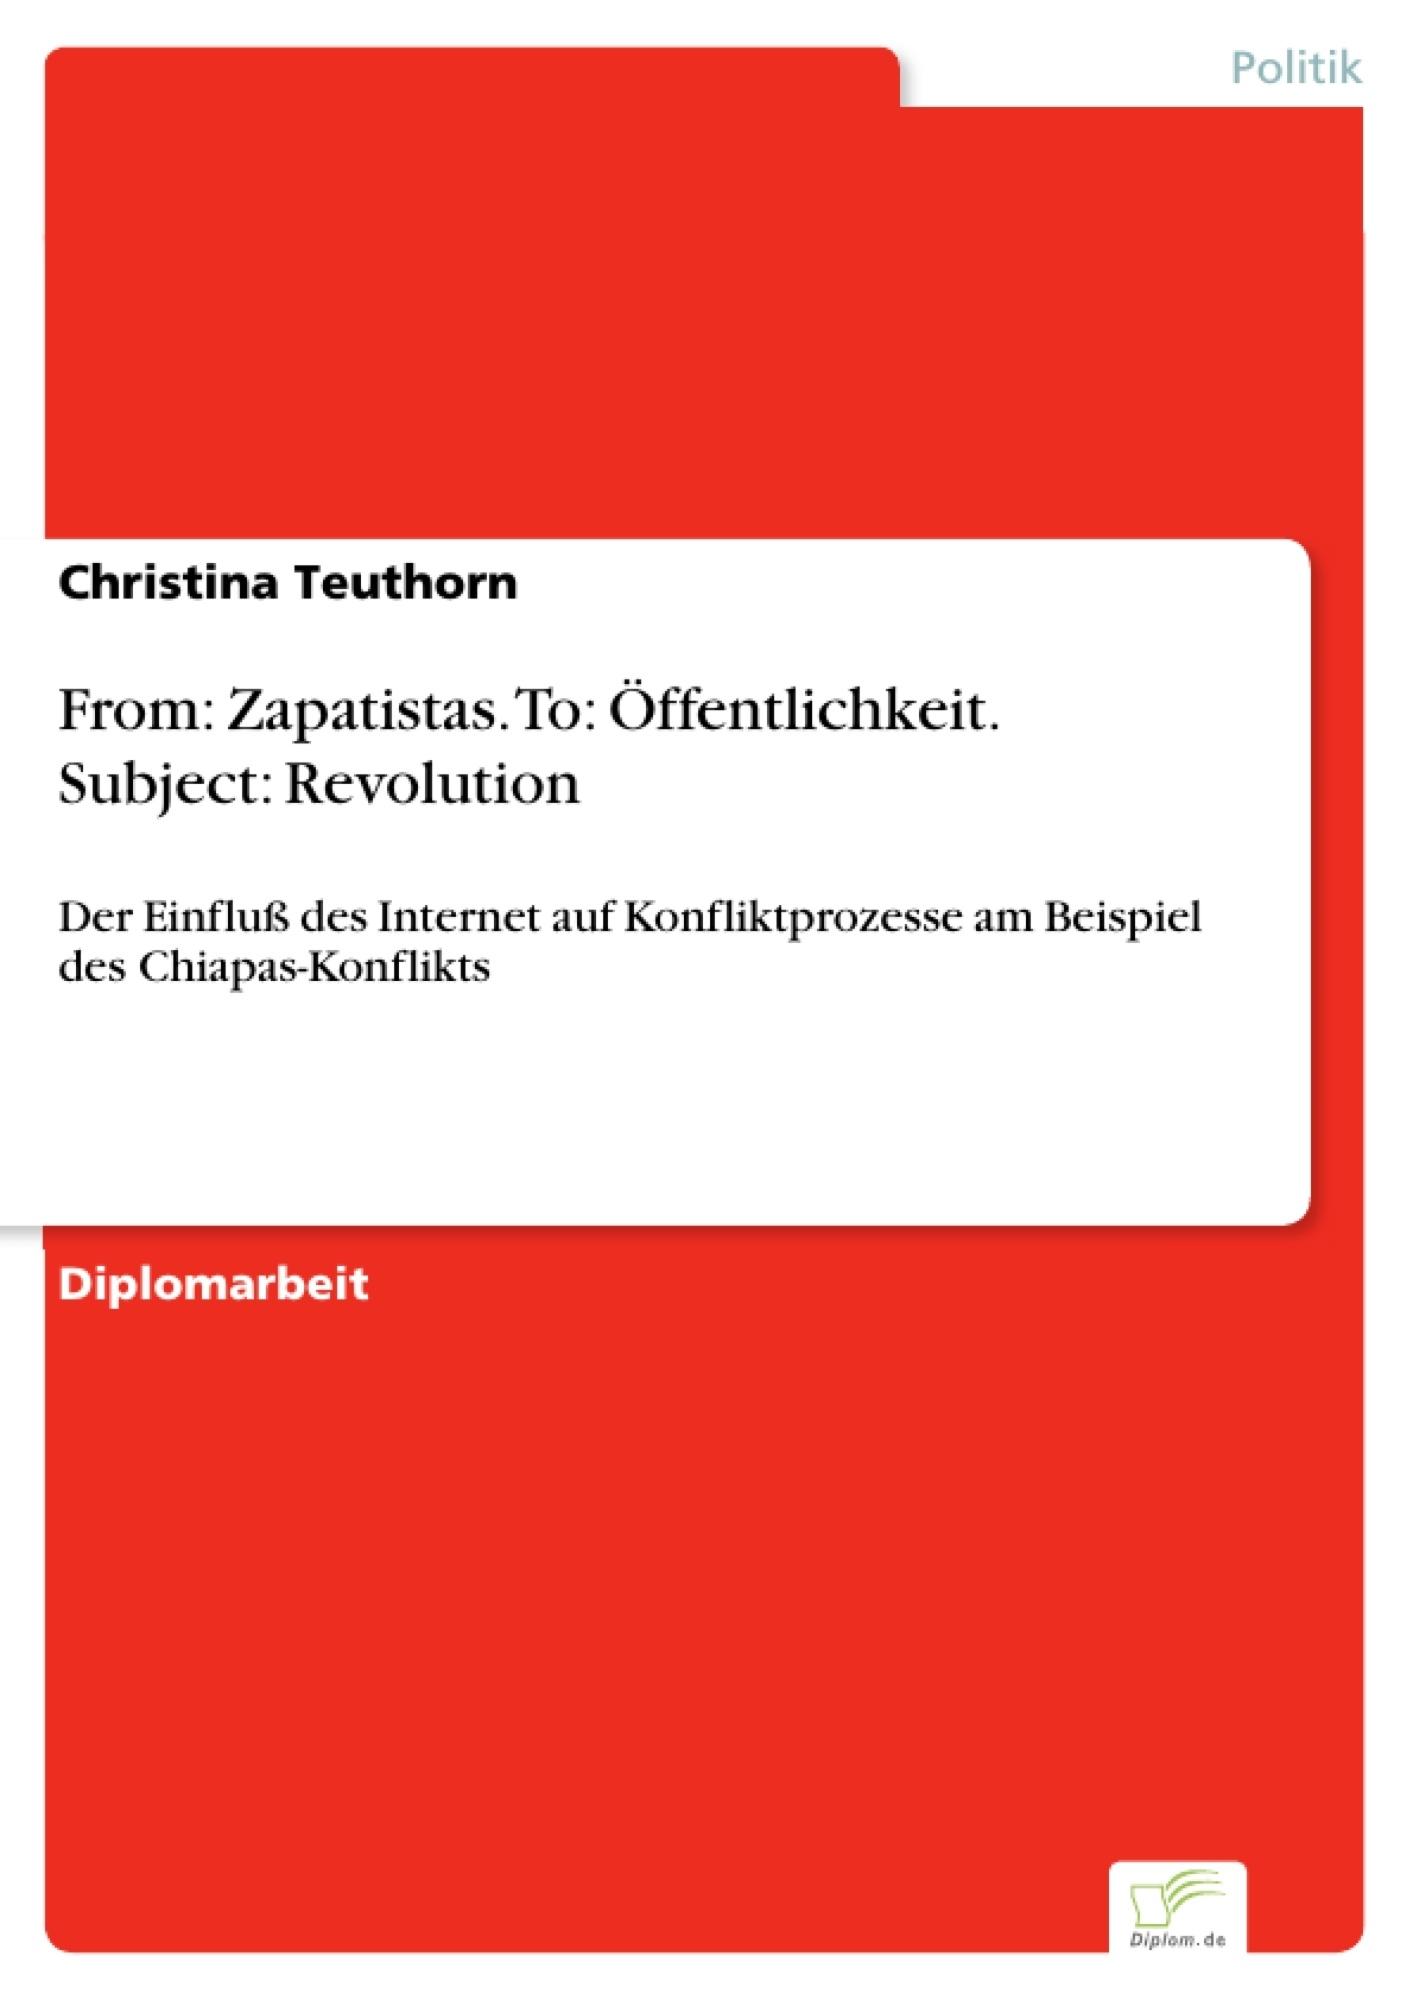 From: Zapatistas. To: Öffentlichkeit. Subject: Revolution